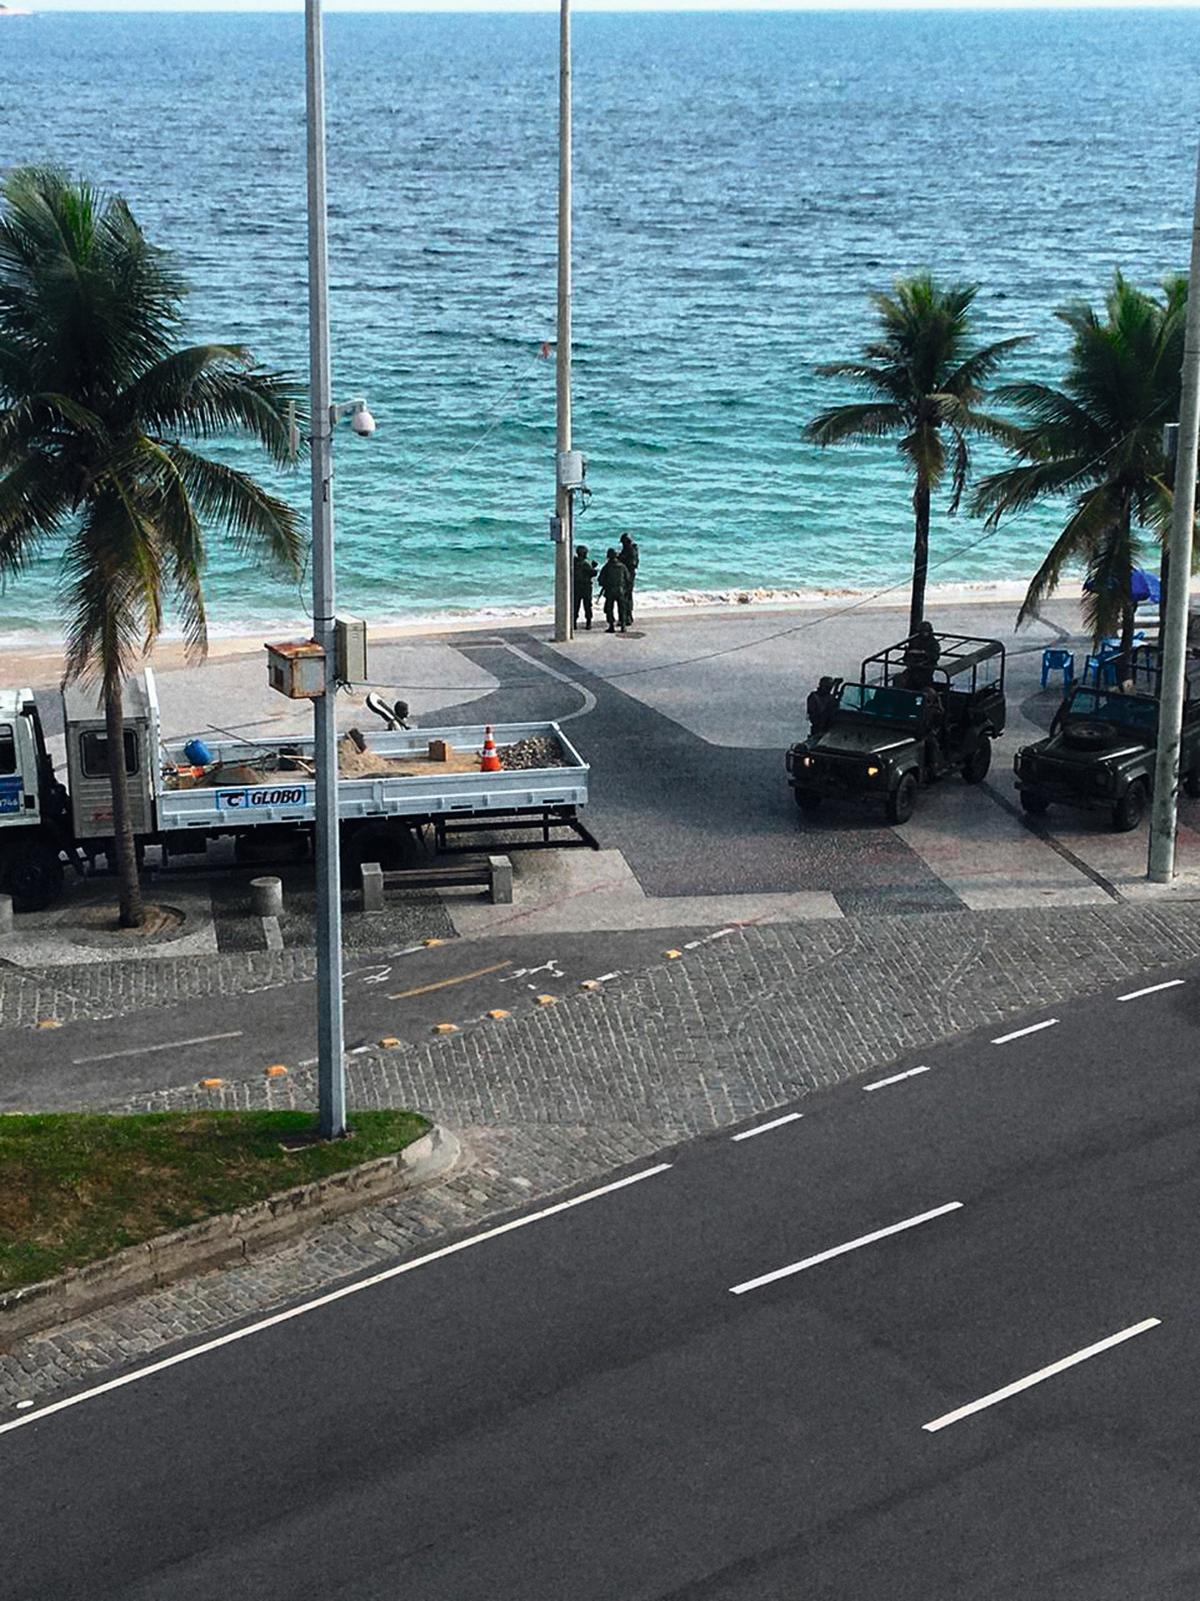 Cena da intervenção militar no Rio: hoje, o interventor está no governo que protege Queiroz